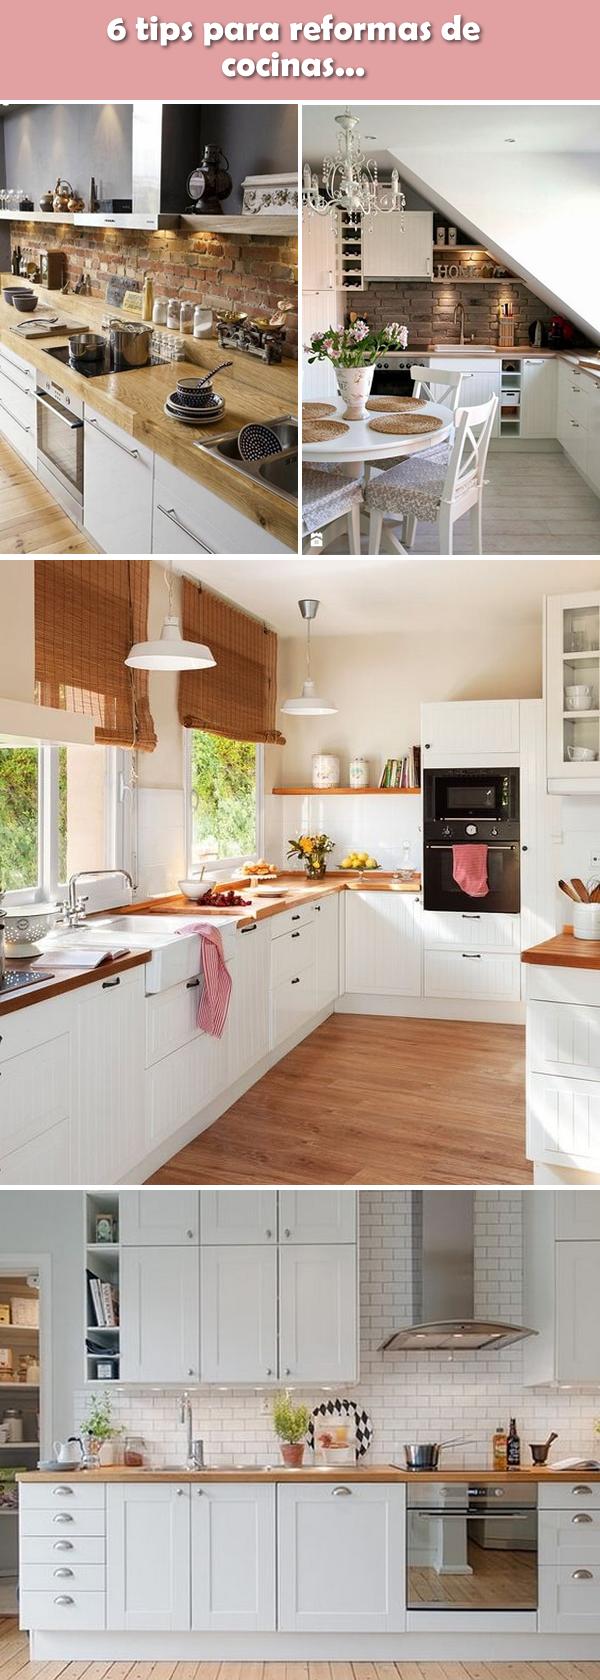 Reformas De Cocinas Claves Para La Reforma De Cocinas Muebles